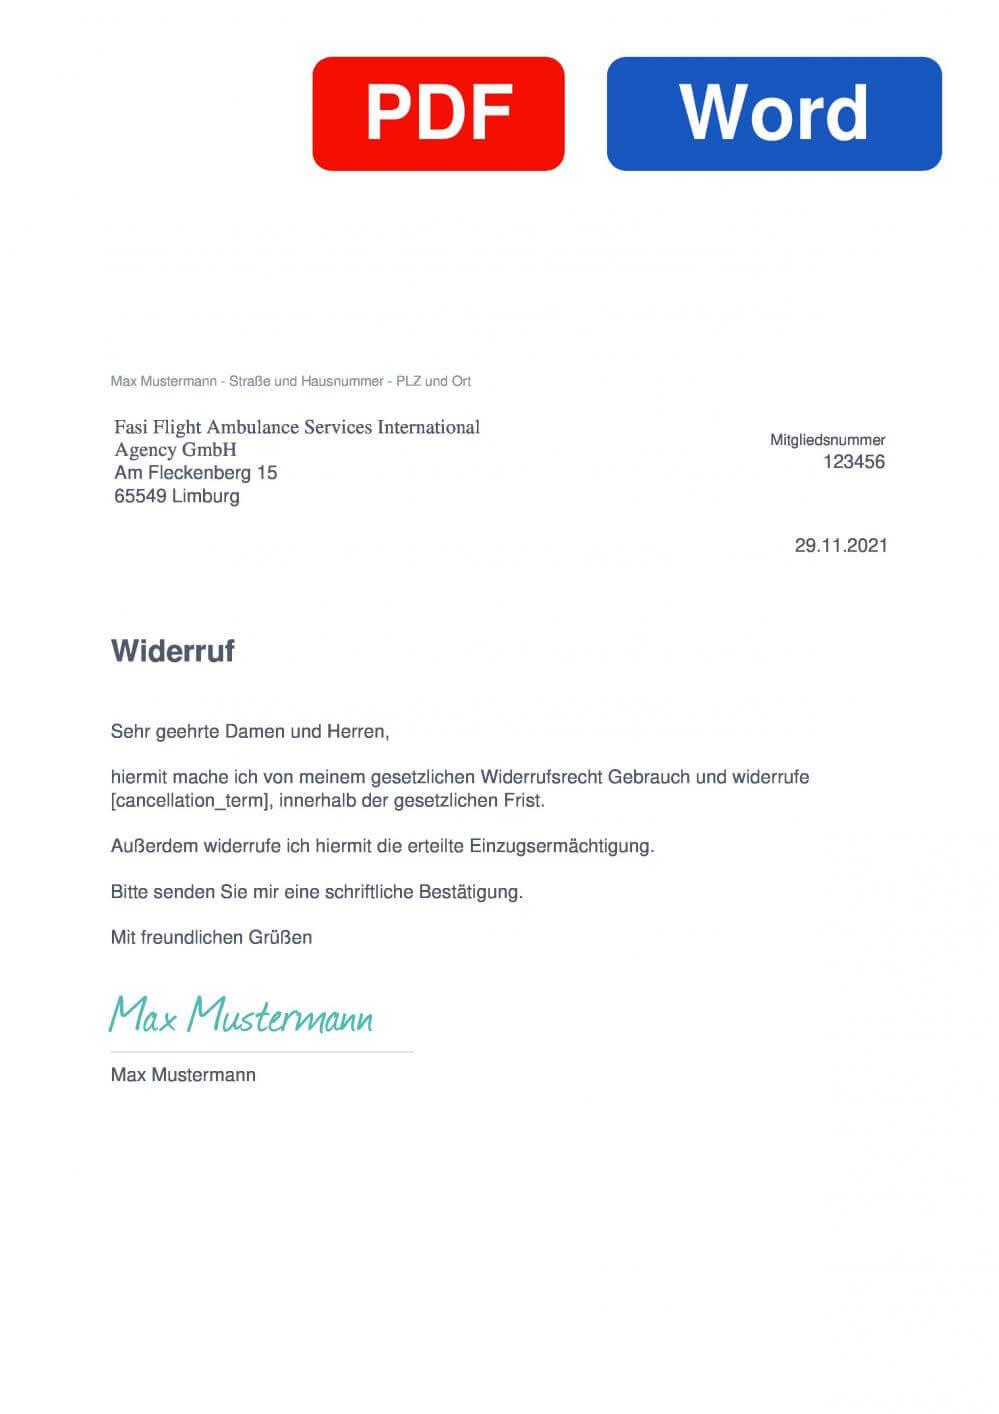 FASI Flug Ambulanz Service International Muster Vorlage für Wiederrufsschreiben